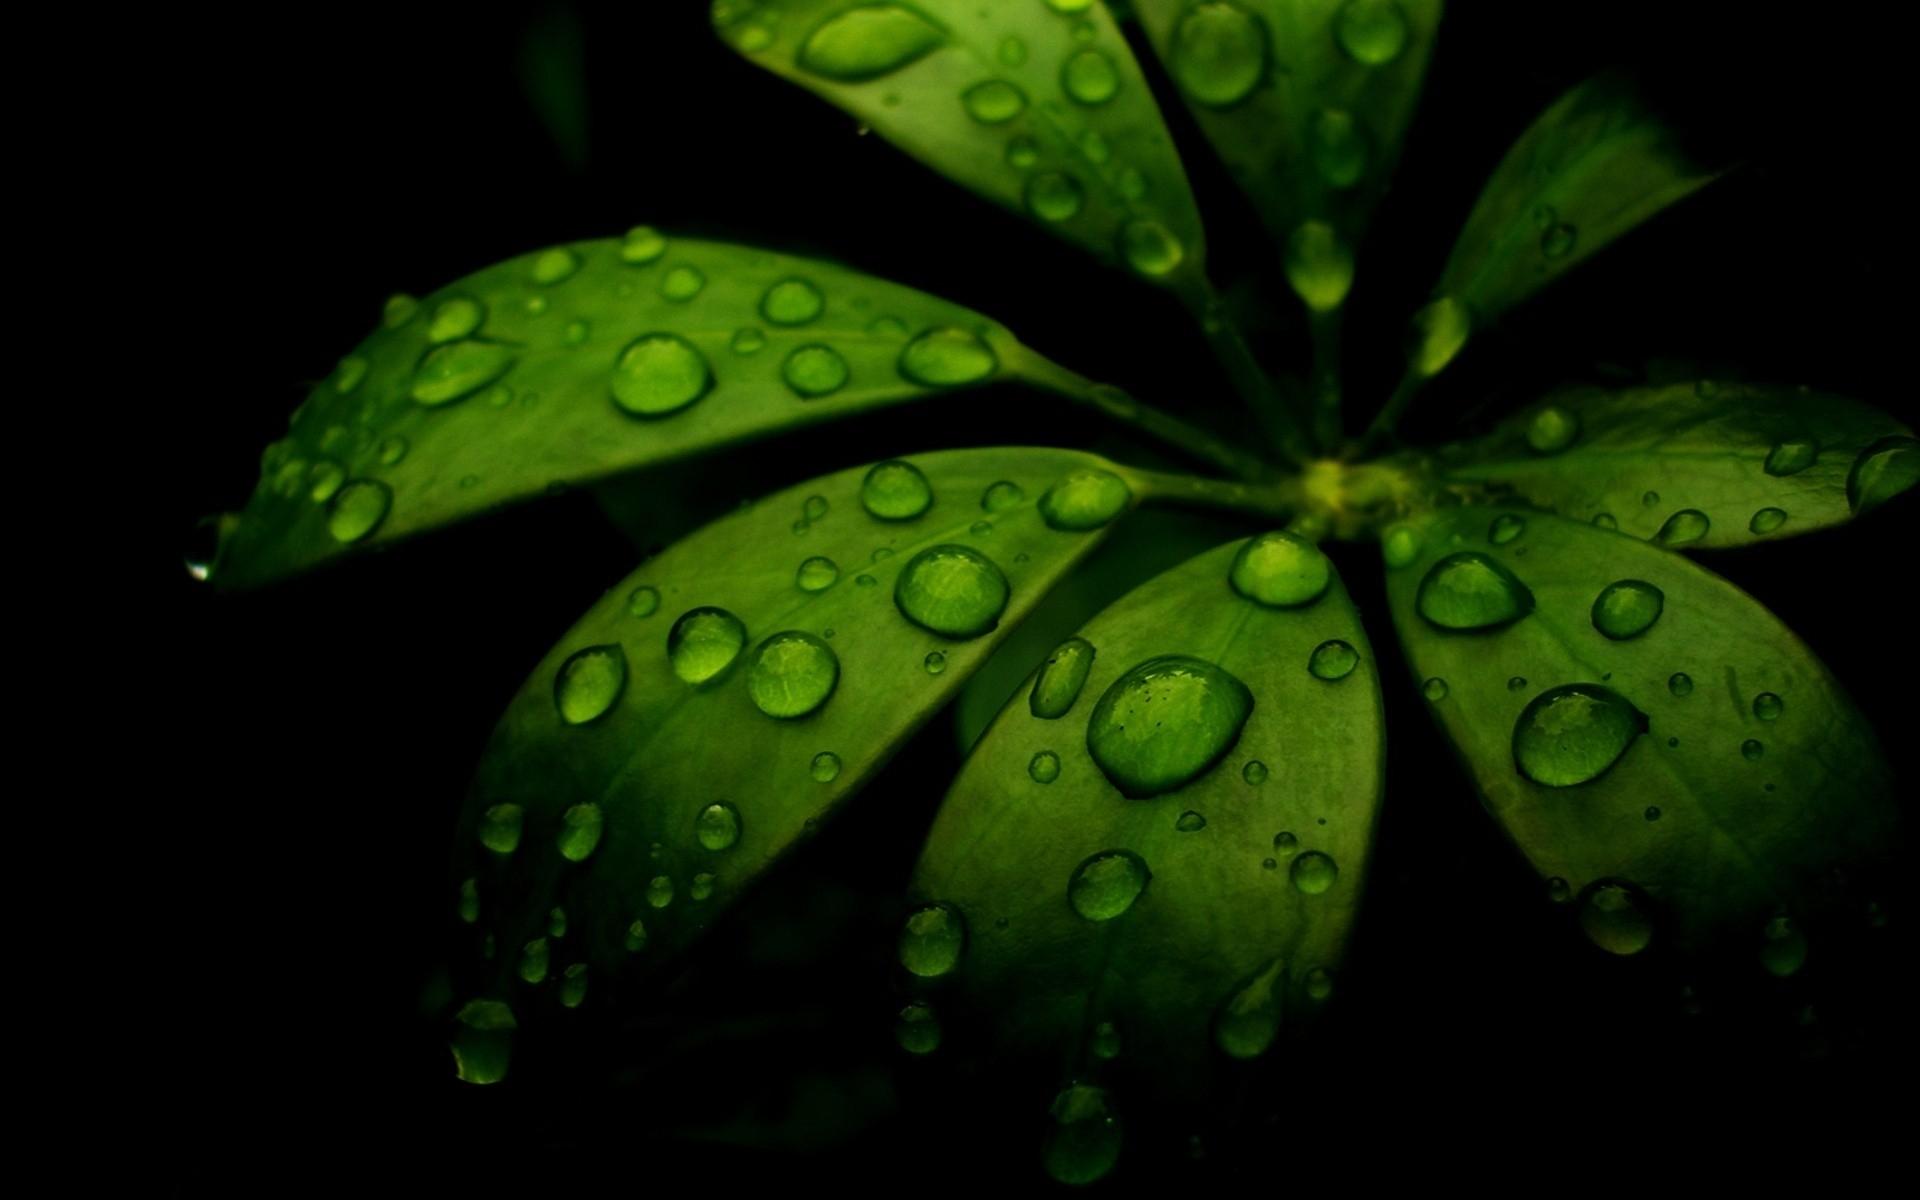 Wallpaper Leaf Green Black Carved 1920x1200 4kwallpaper